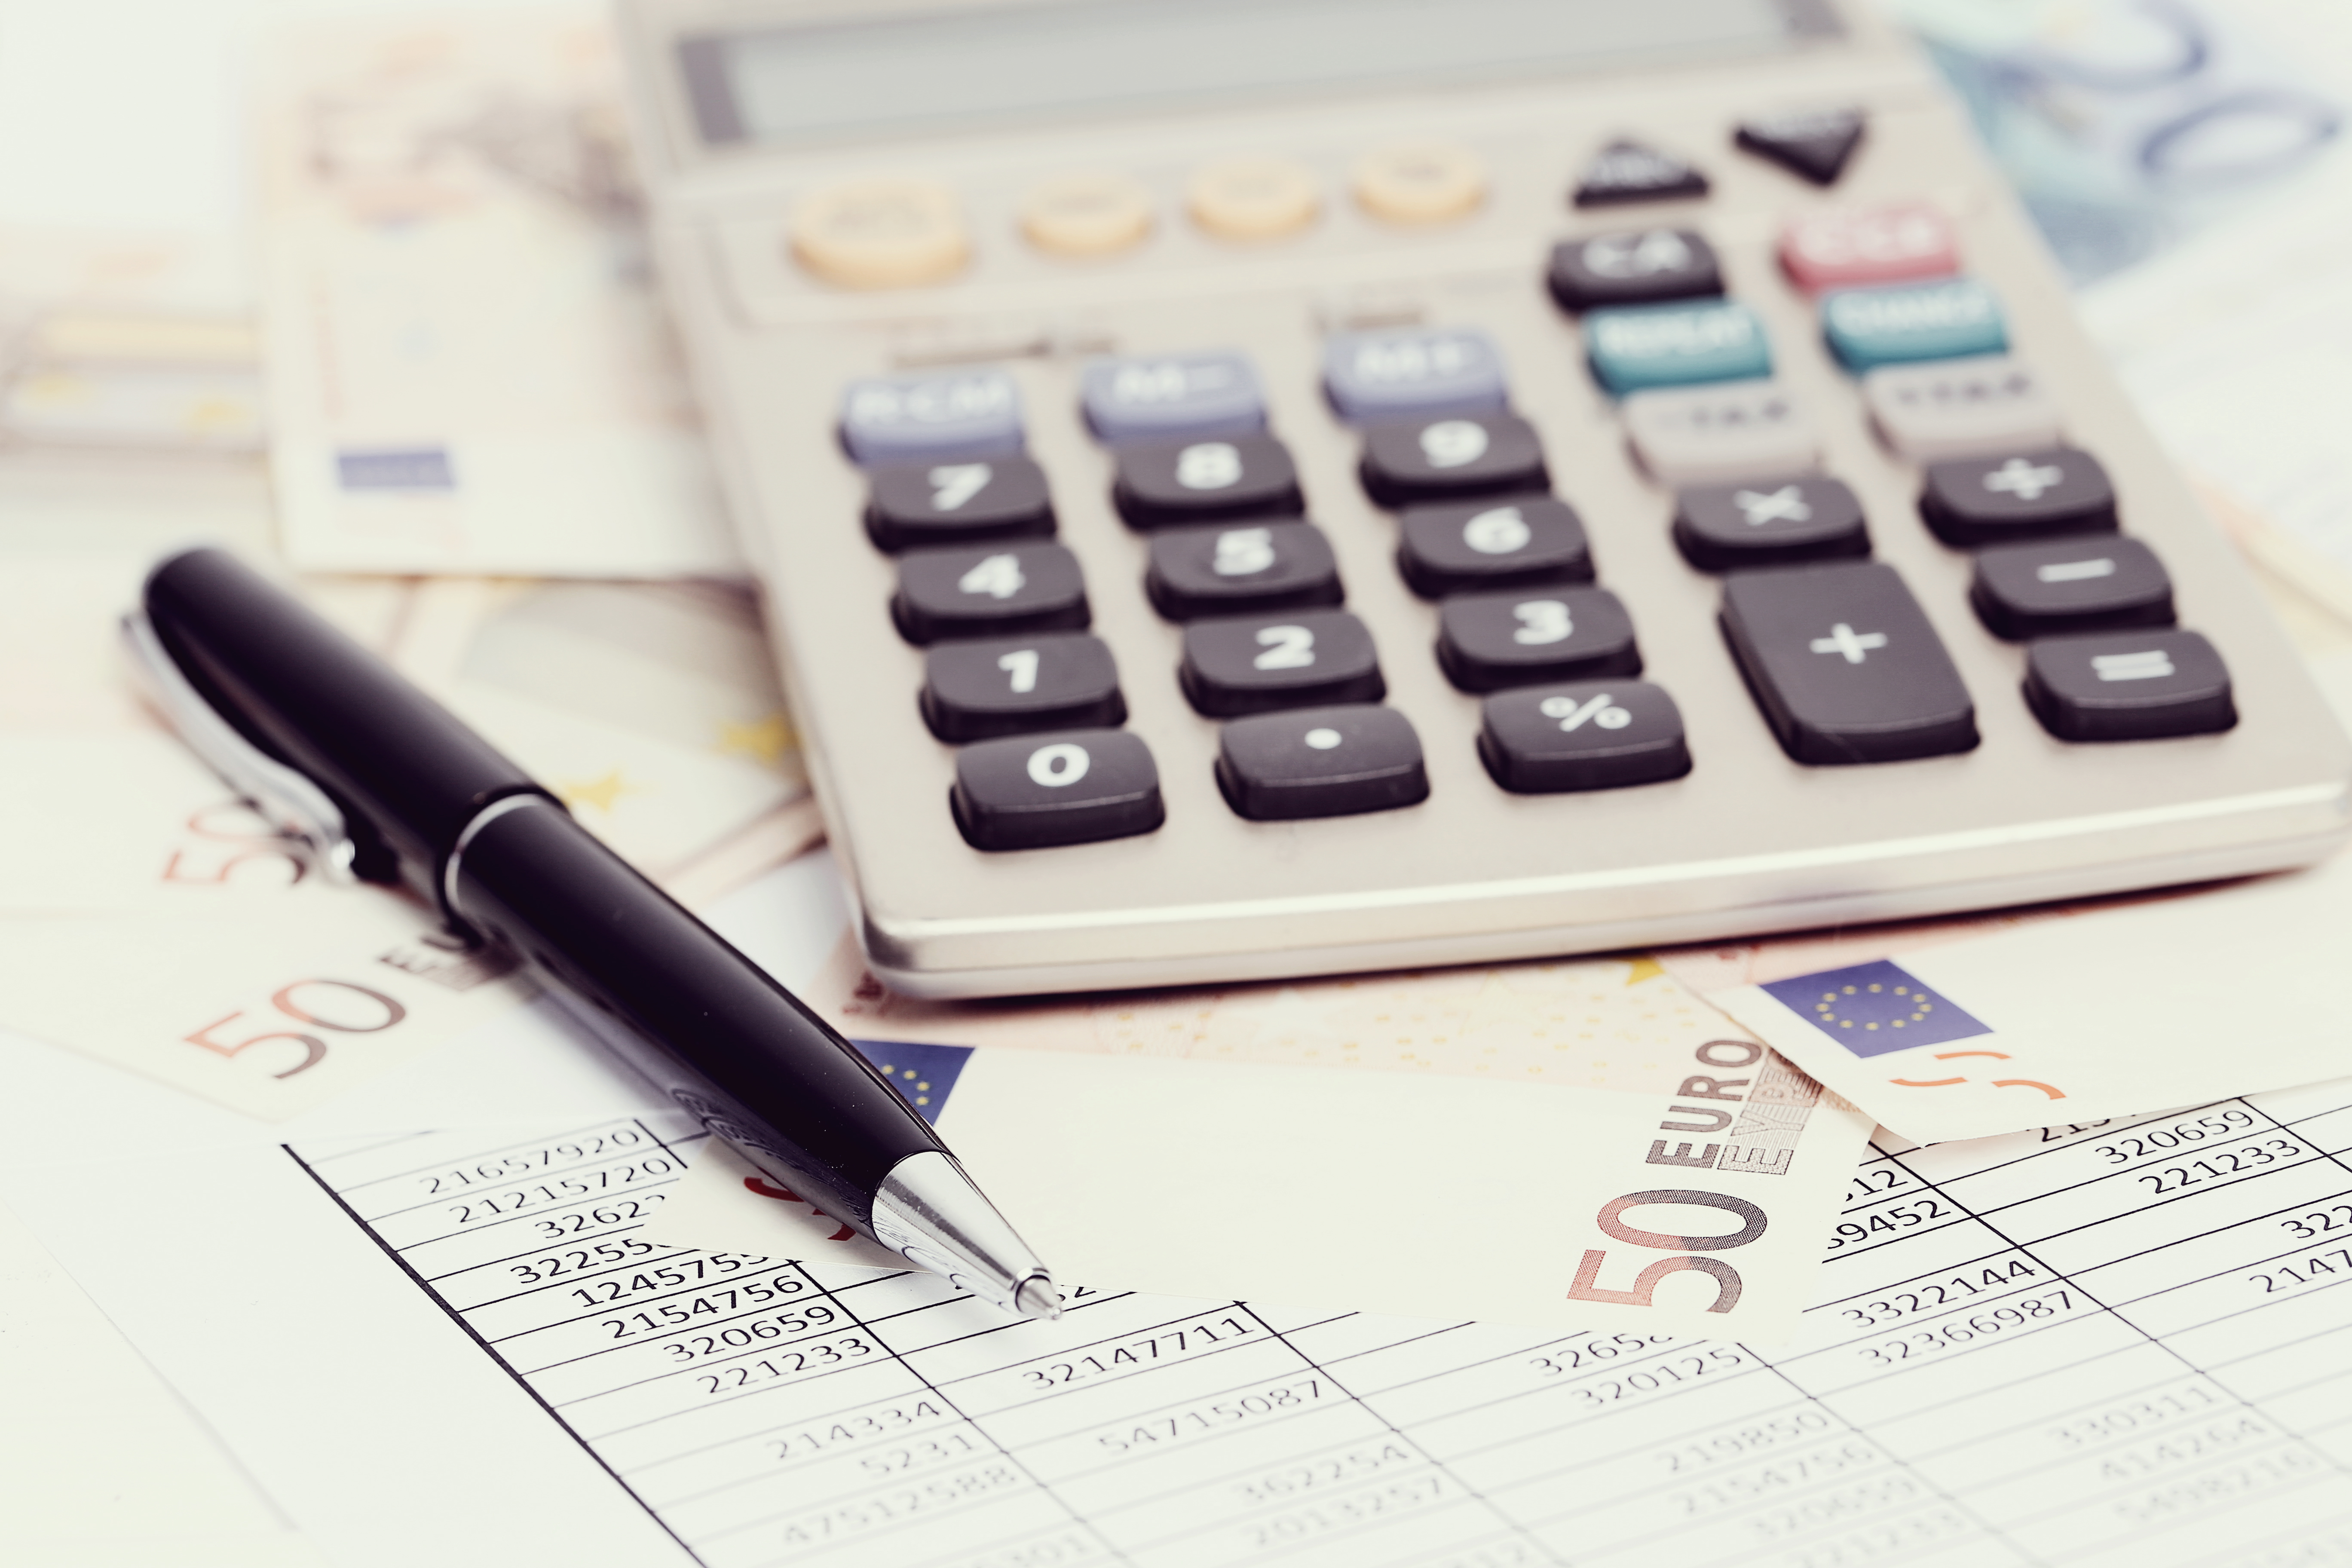 Φορολογικοί έλεγχοι και παραγραφές   Καταγγελίες Λογιστών – Φοροτεχνικών για πίεση που ασκείται στους Ελεγκτές από τους υψηλούς ποσοτικούς στόχους βεβαίωσης και είσπραξης εσόδων που έχουν τεθεί στις υπηρεσίες τους, με βάση τα Επιχειρησιακά Προγράμματα της ΑΑΔΕ